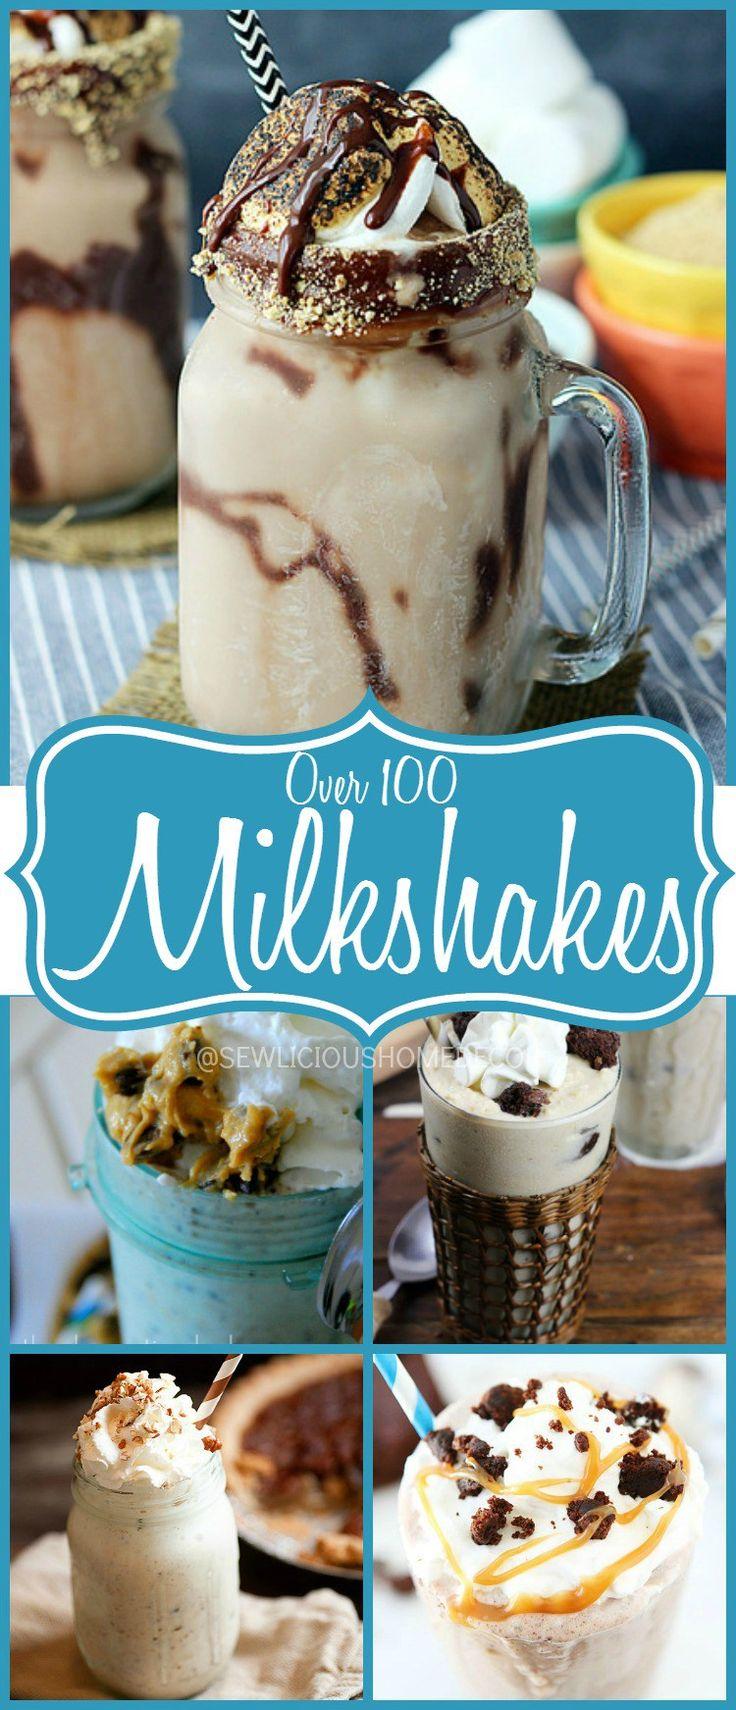 Over 100 Milkshake Recipes at sewlicioushomedecor.com